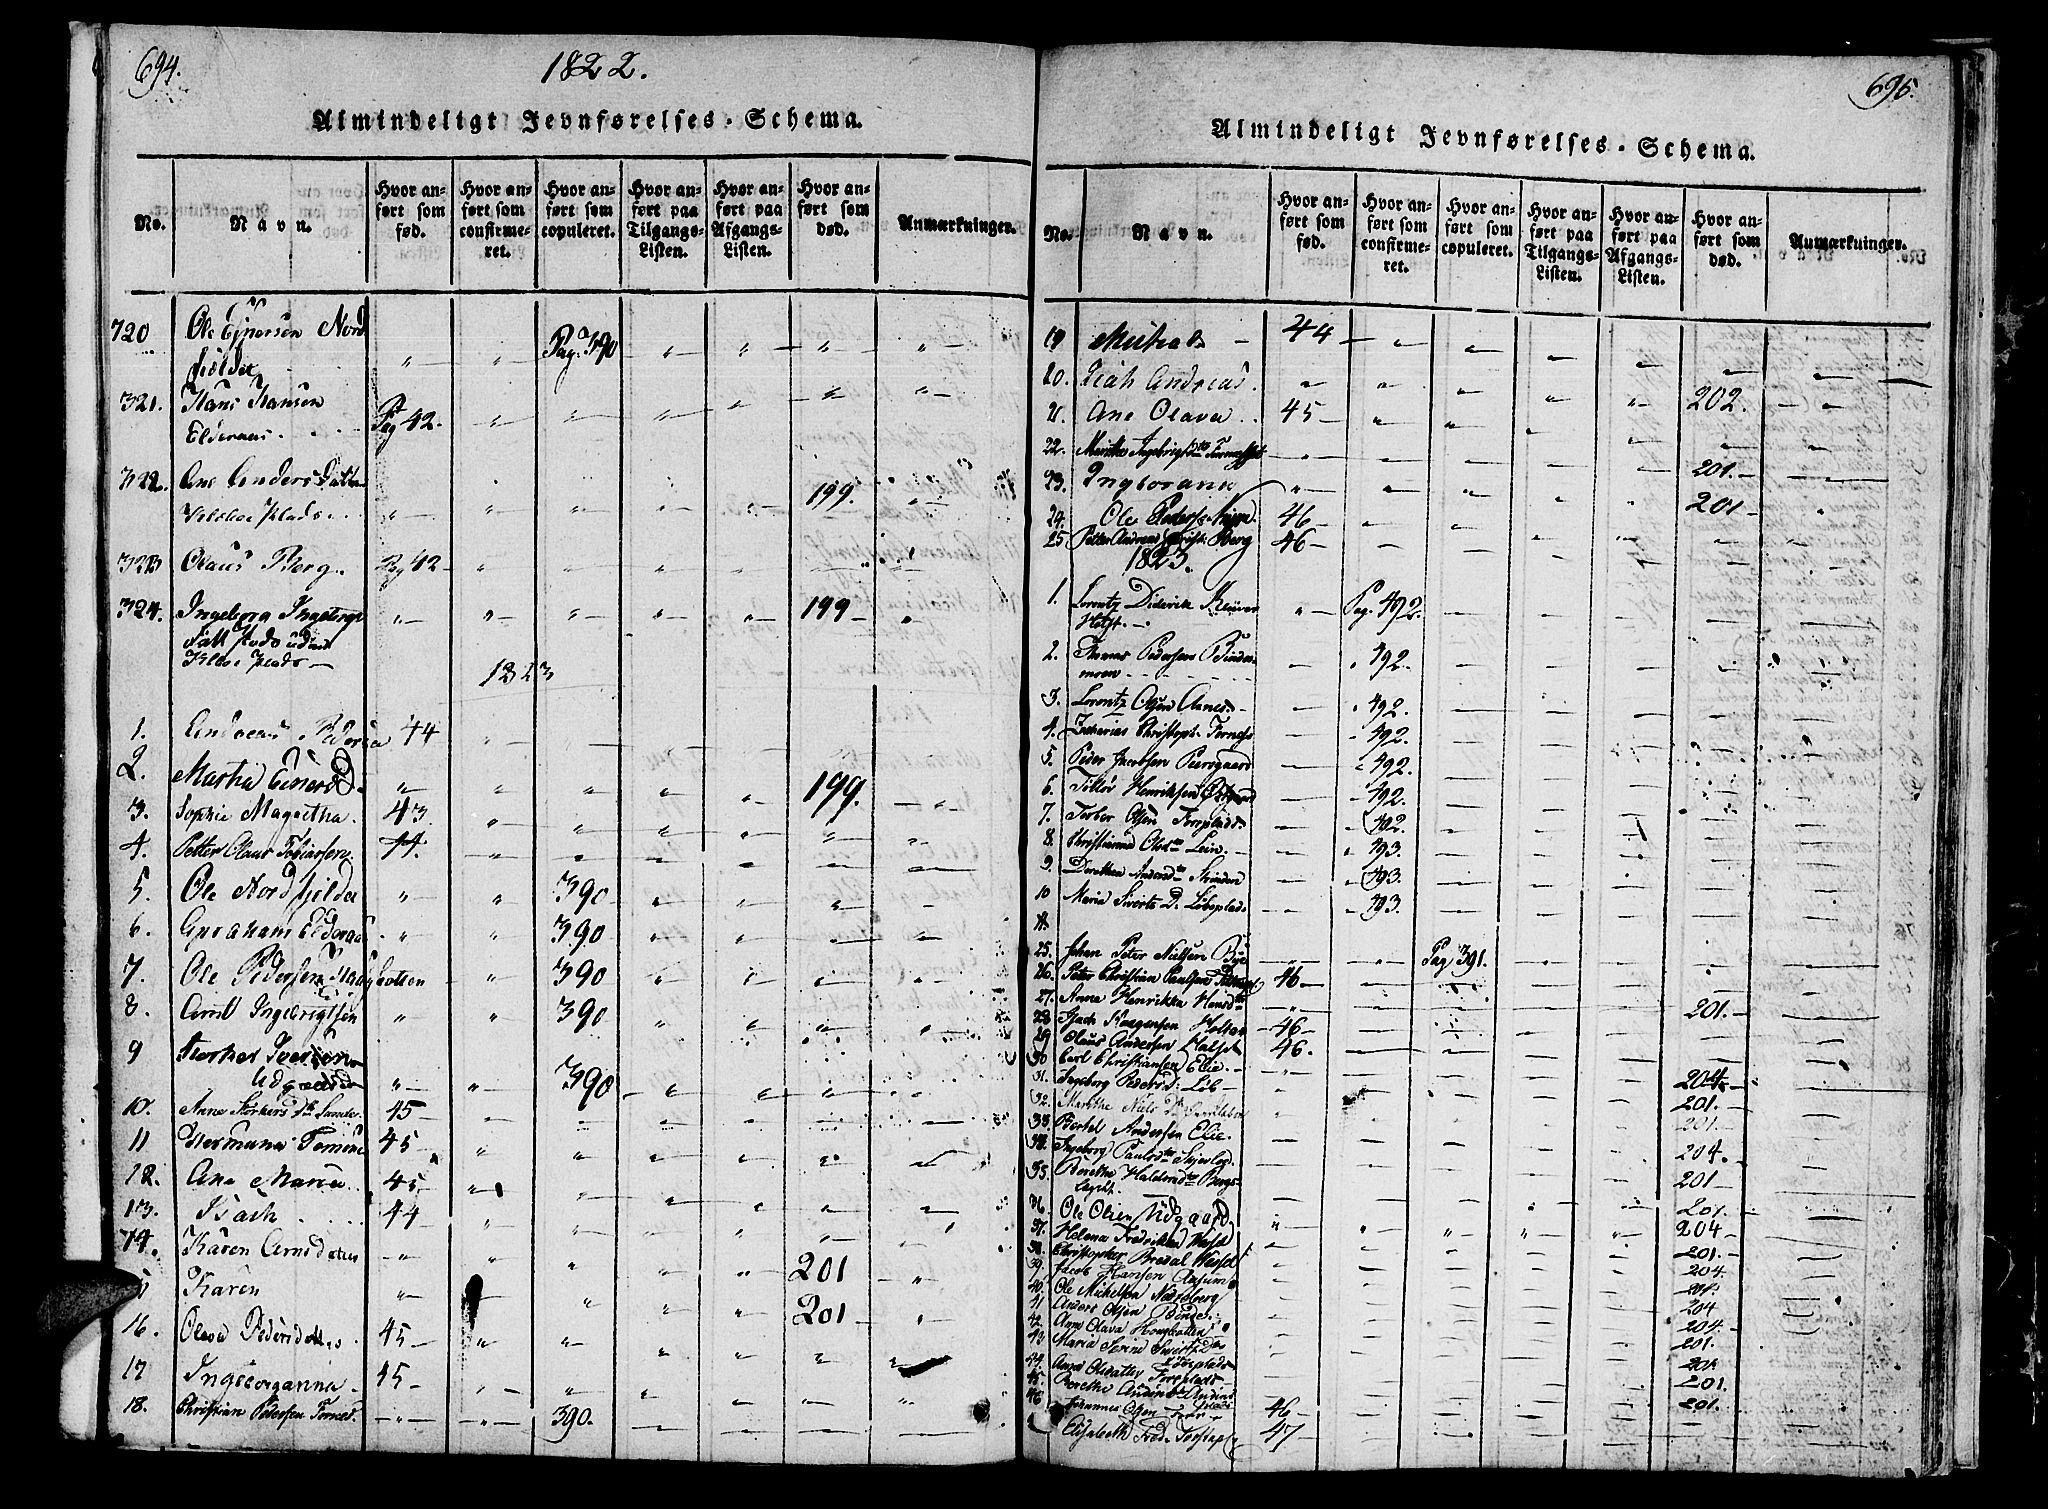 SAT, Ministerialprotokoller, klokkerbøker og fødselsregistre - Nord-Trøndelag, 746/L0441: Ministerialbok nr. 746A03 /1, 1816-1827, s. 694-695